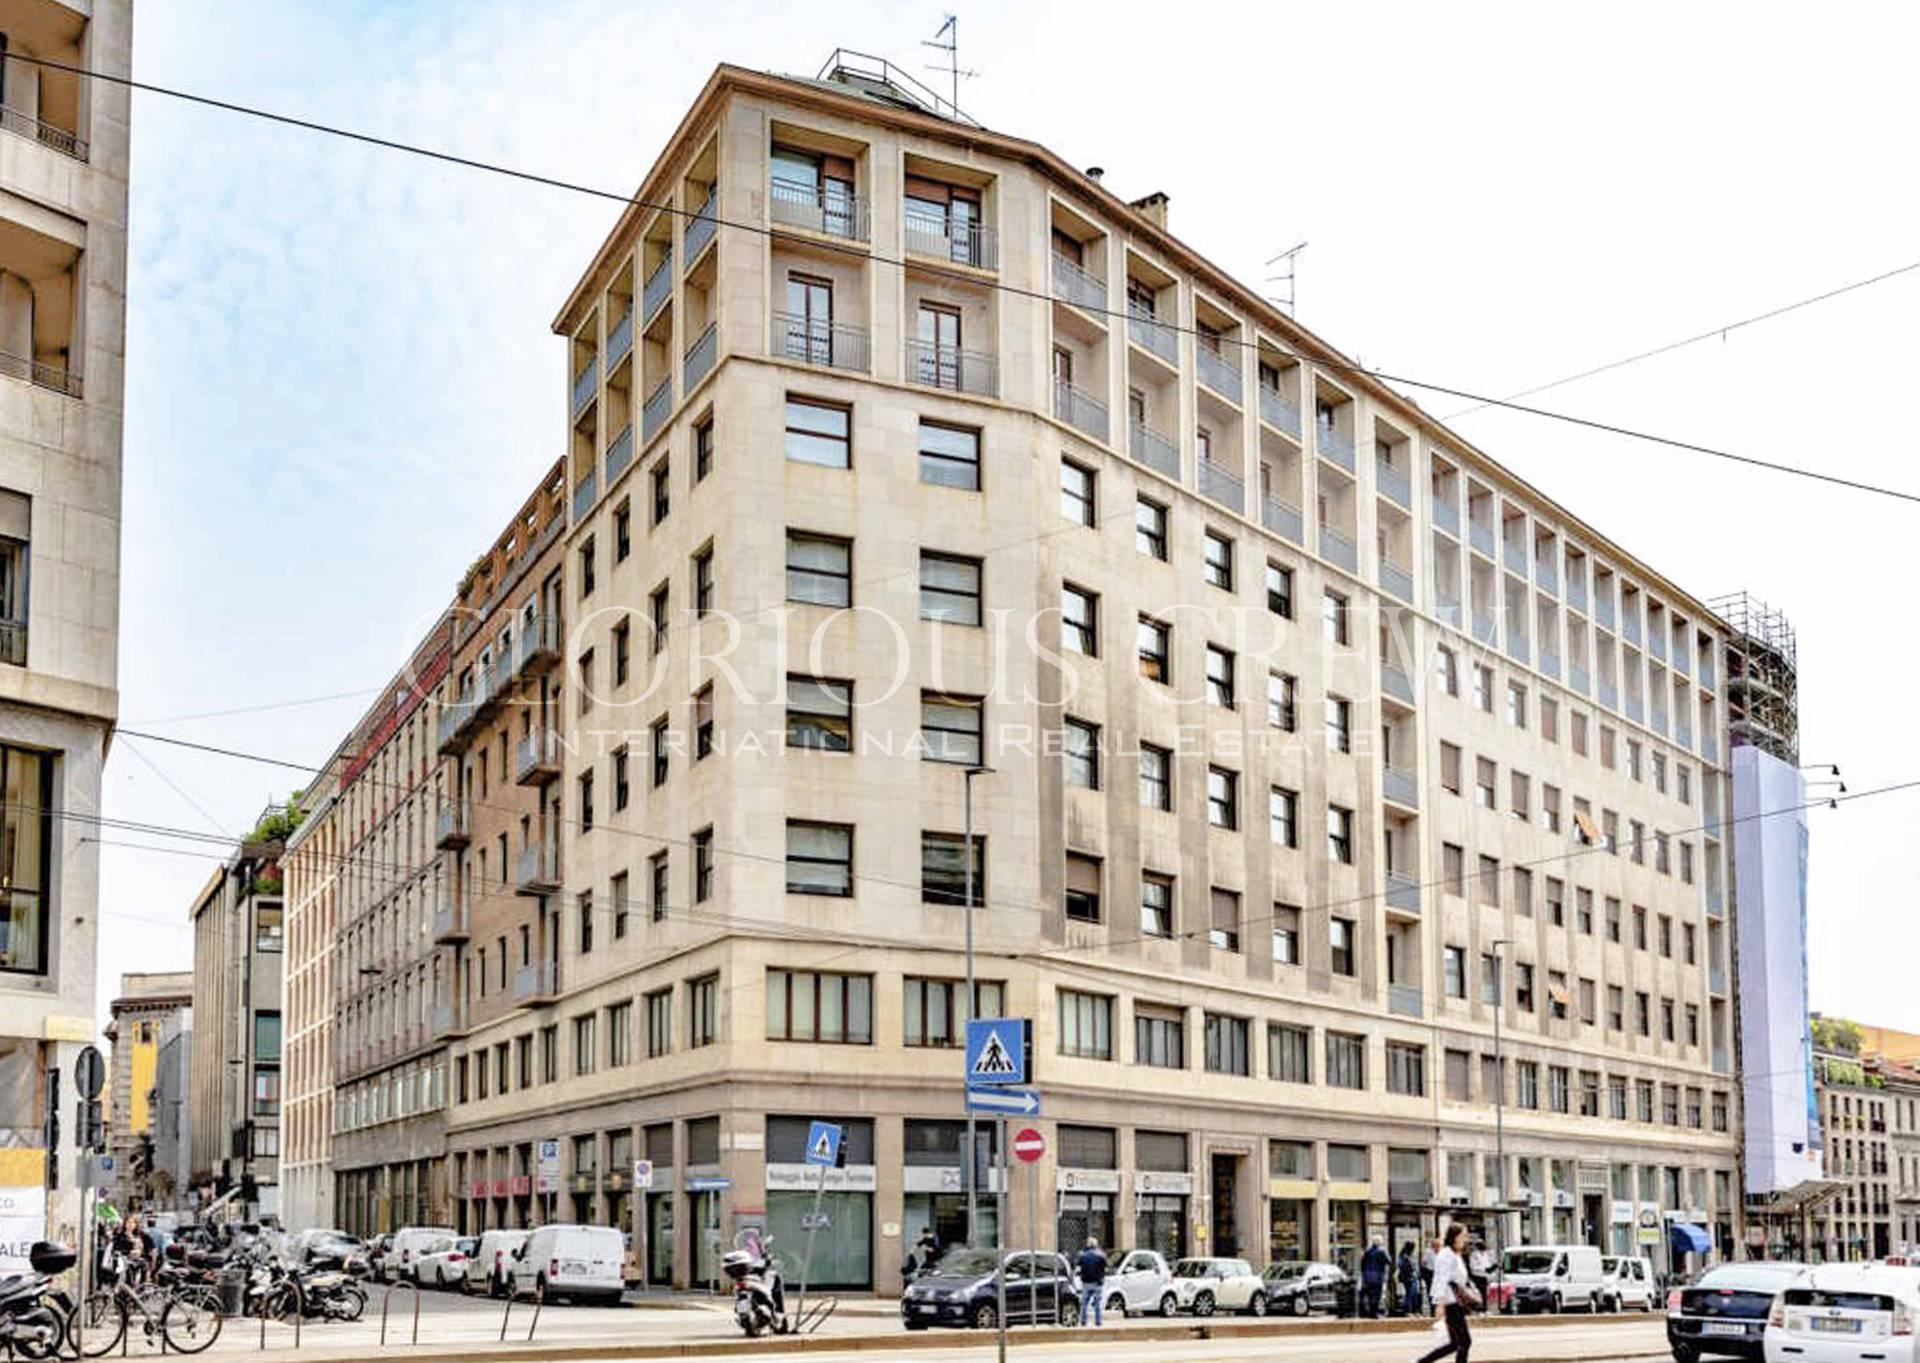 Ufficio-studio in Affitto a Milano 01 Centro storico (Cerchia dei Navigli):  2 locali, 52 mq  - Foto 1